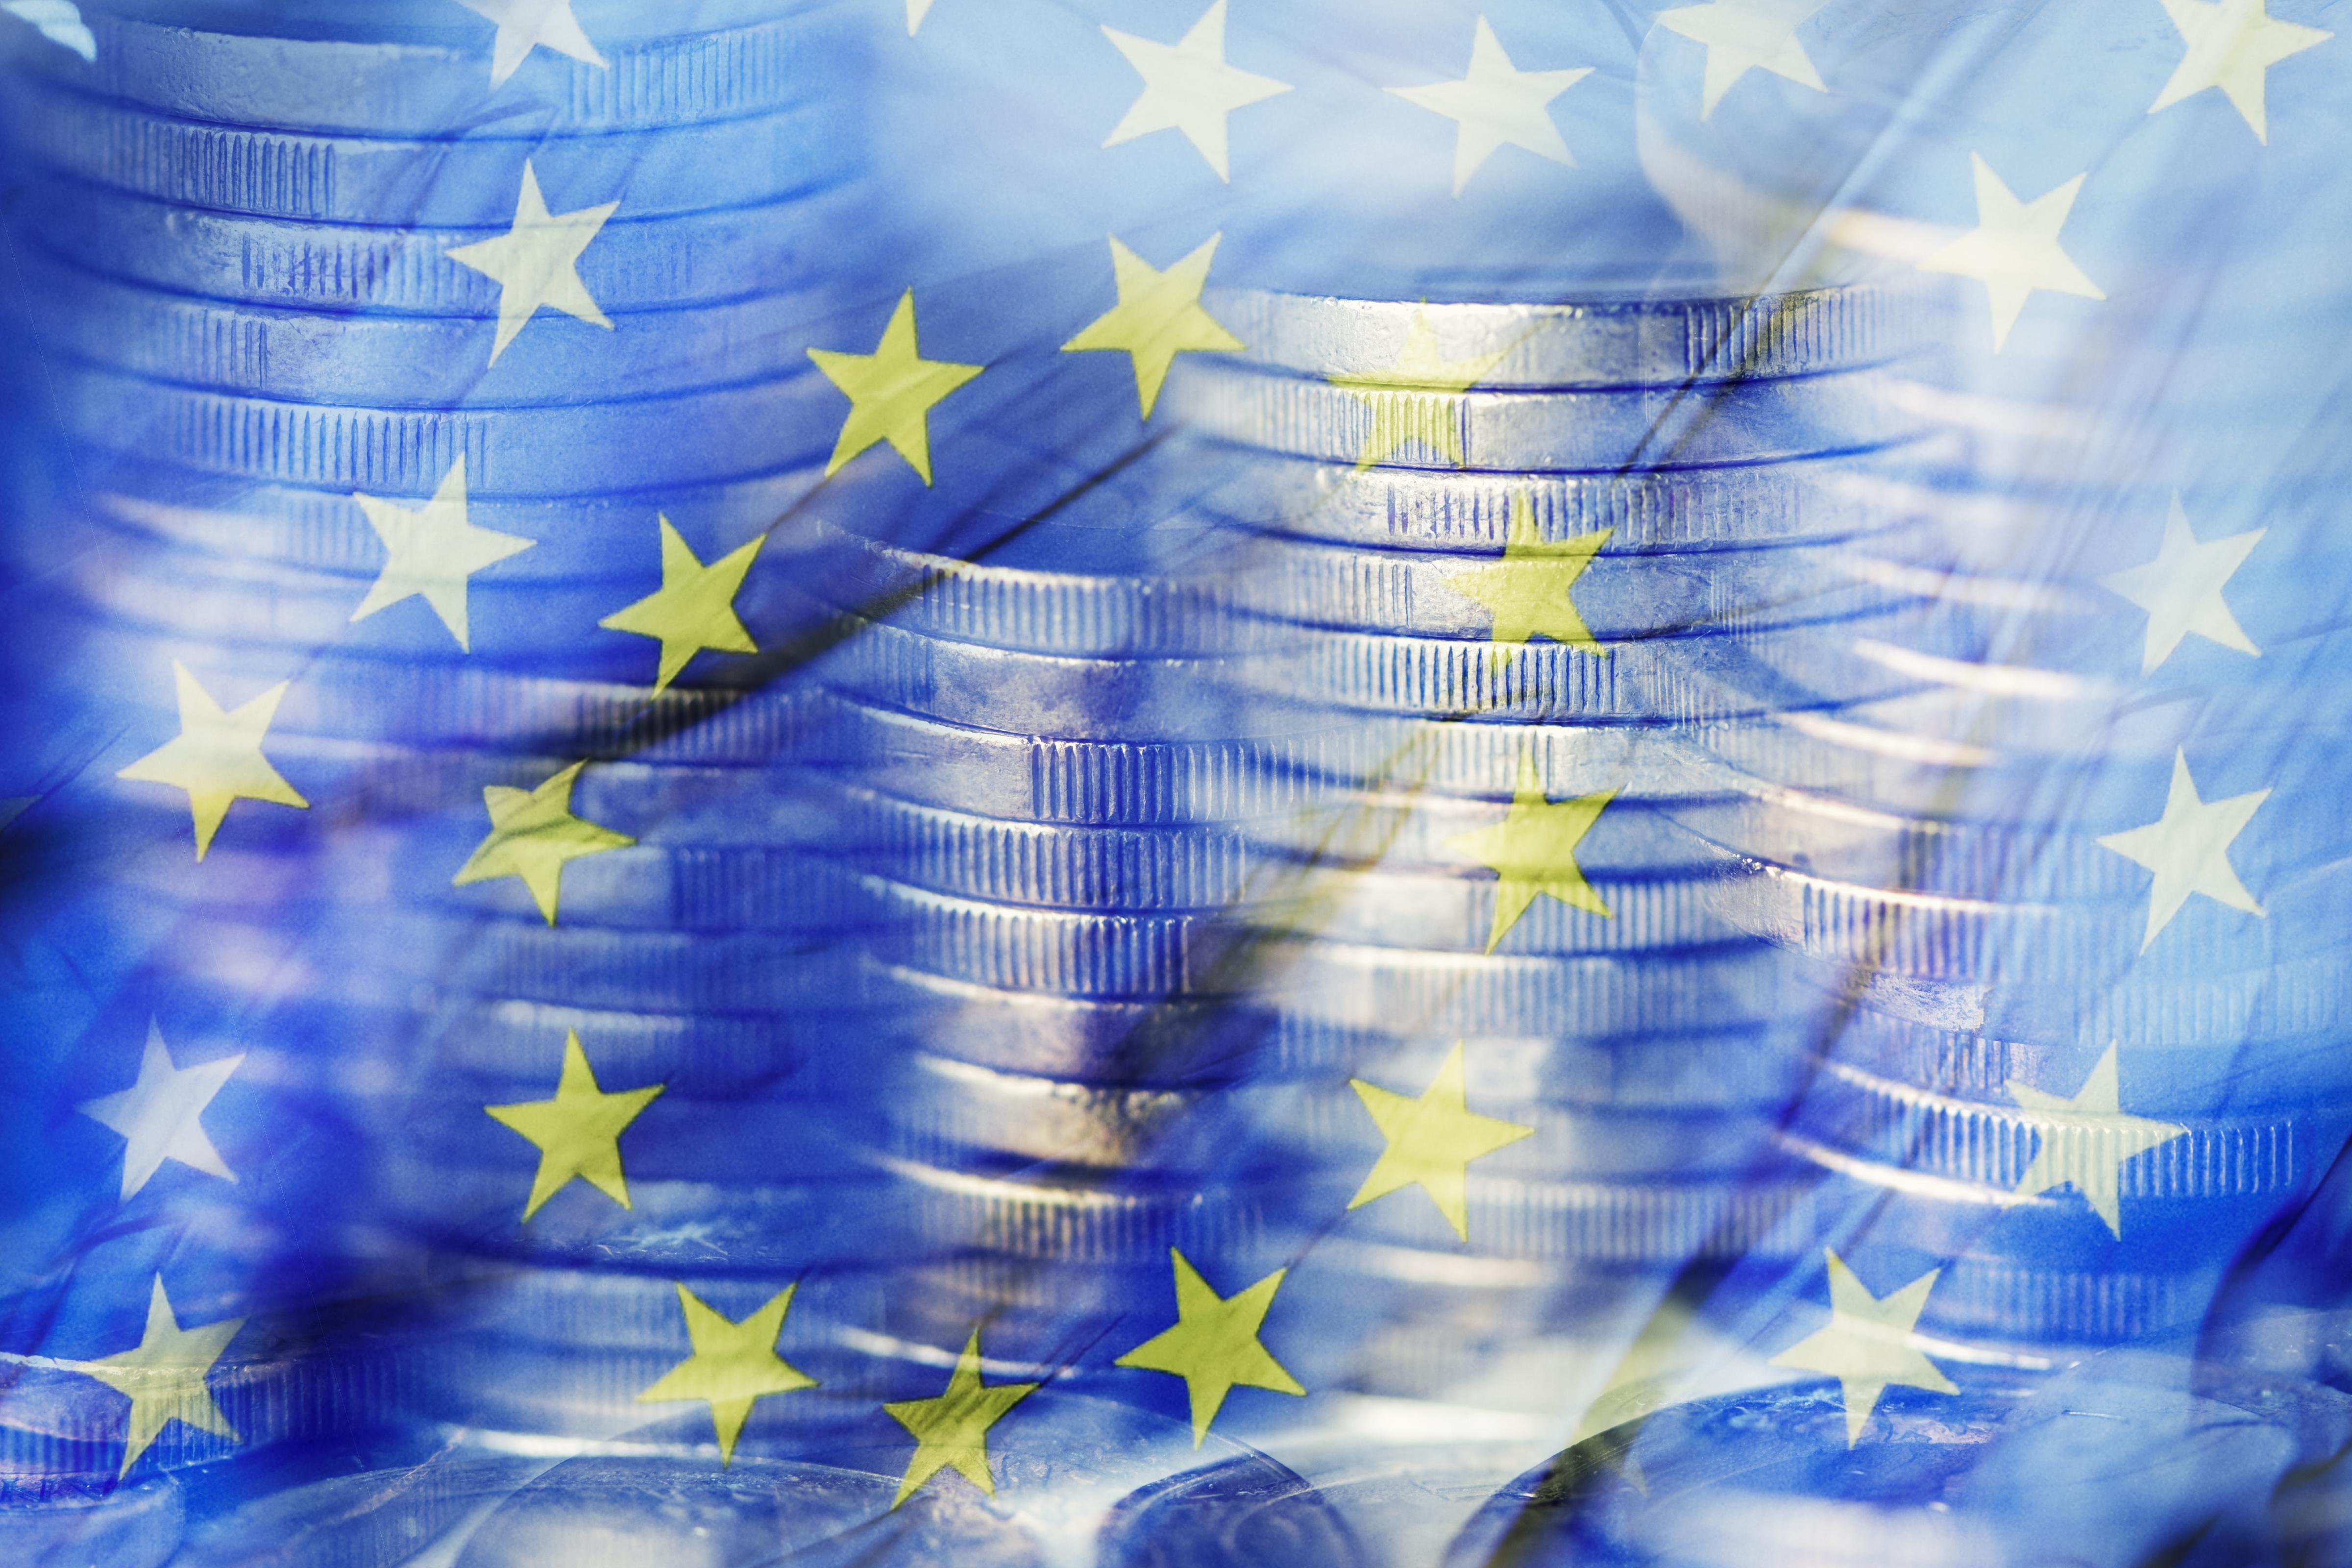 Analisti: Orizontul de aderare a Romaniei la zona euro este anul 2030. Ce spun specialistii despre evolutia economiei in 2021